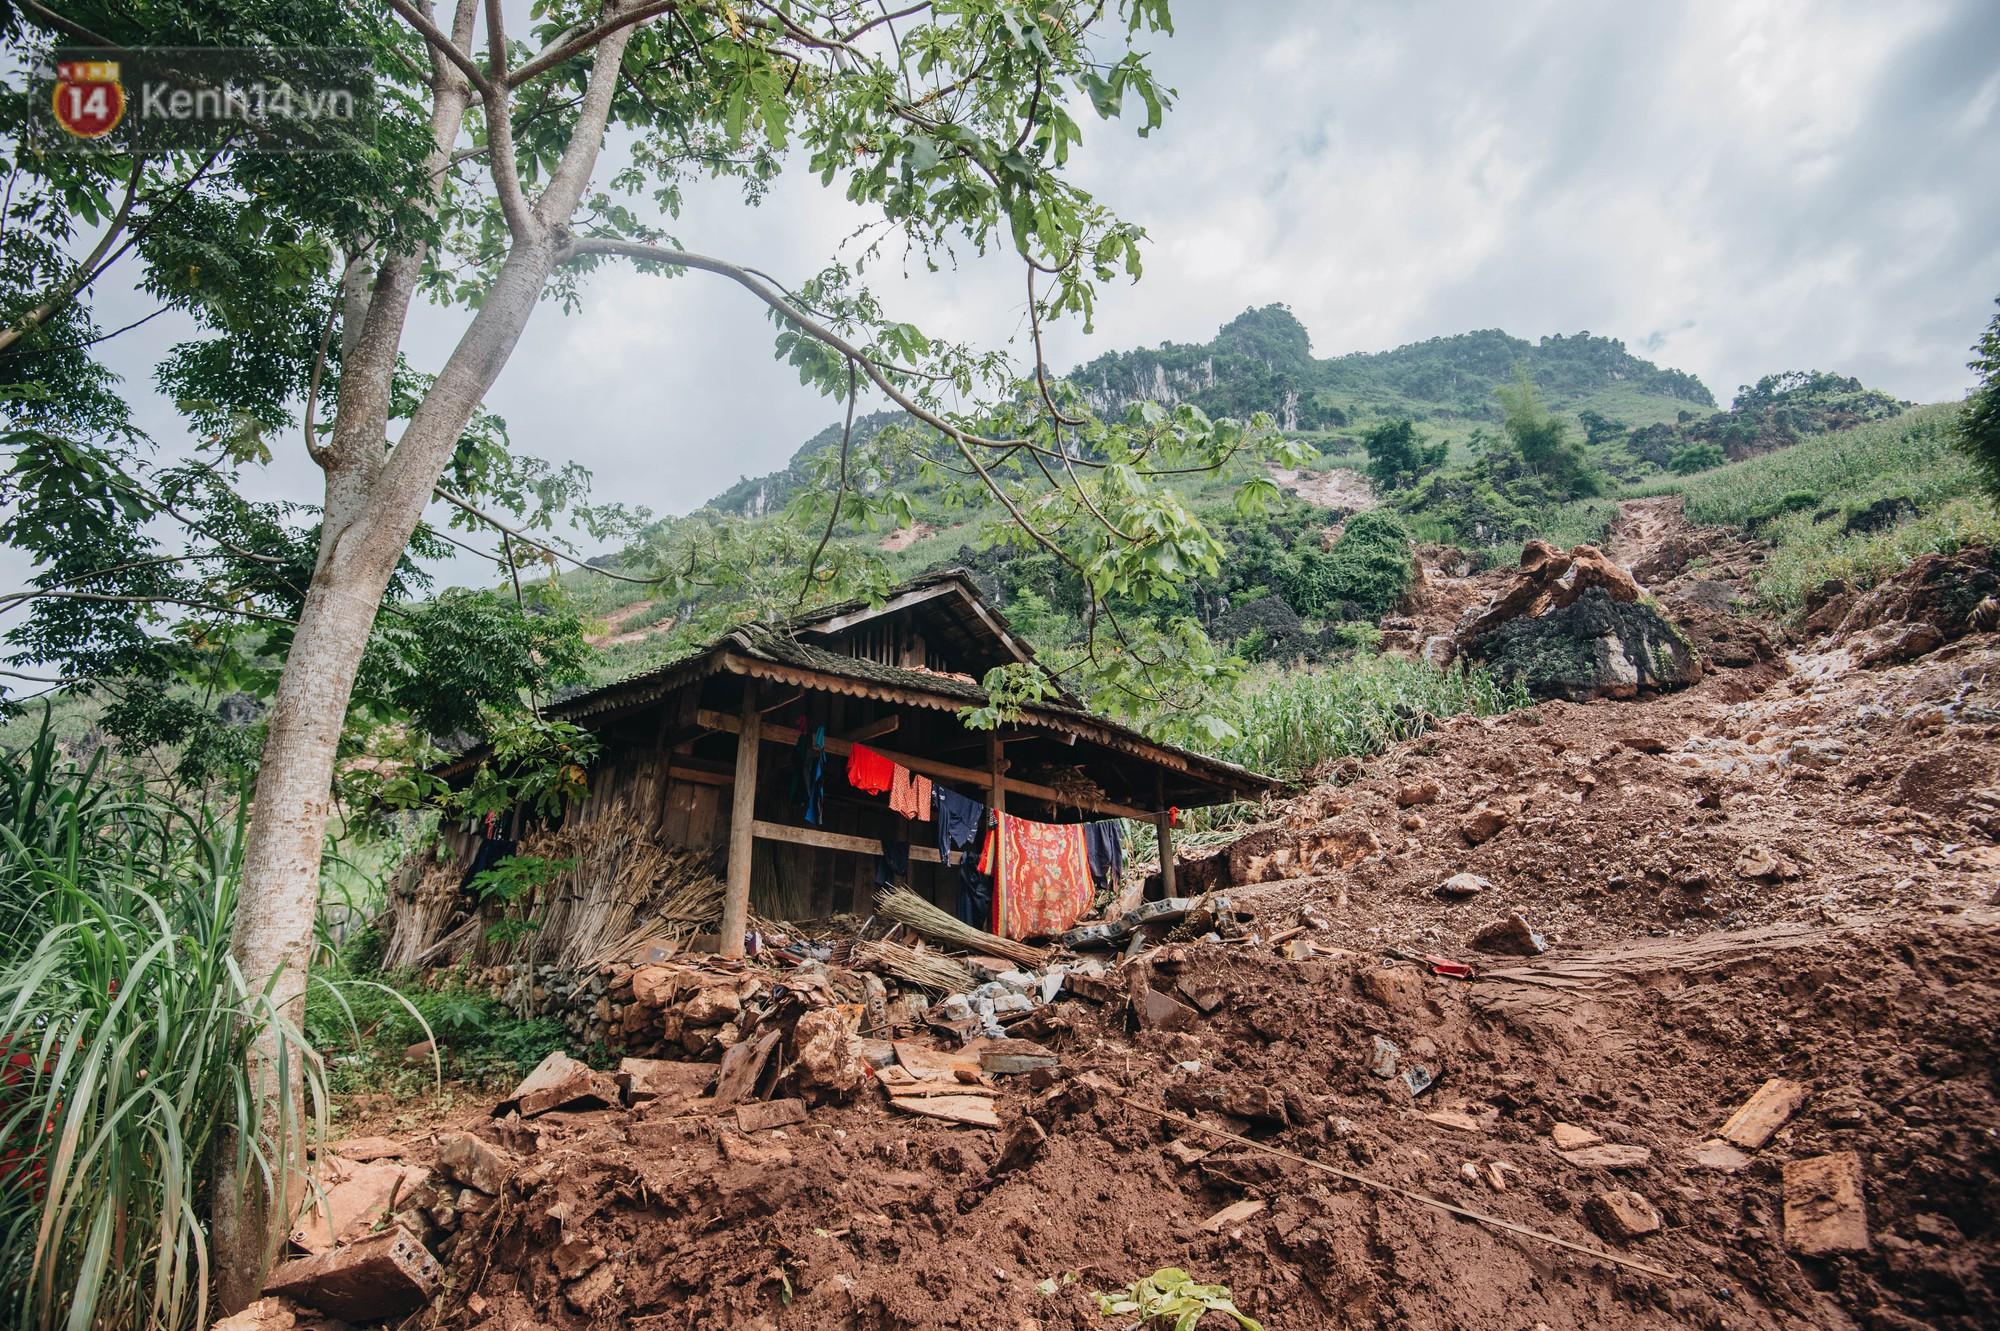 Trận lũ đau thương ở Hà Giang trong vòng 10 năm qua: Giờ đâu còn nhà nữa, mất hết, lũ cuốn trôi hết rồi... - Ảnh 3.